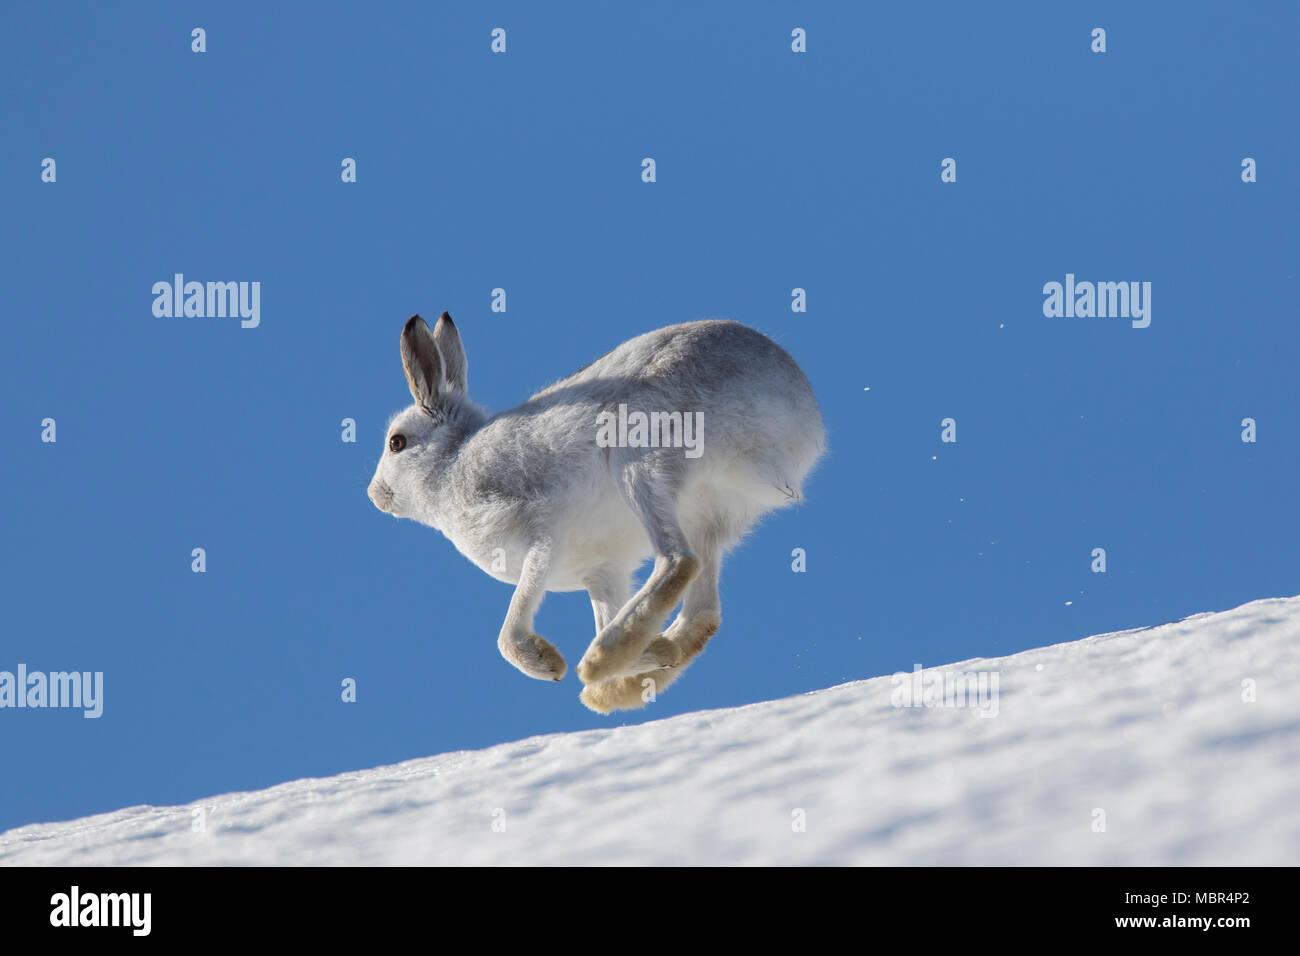 Mountain Hare Hare / nieve / alpino de la liebre (Lepus timidus) en invierno pelaje girando en la nieve ladera abajo Imagen De Stock